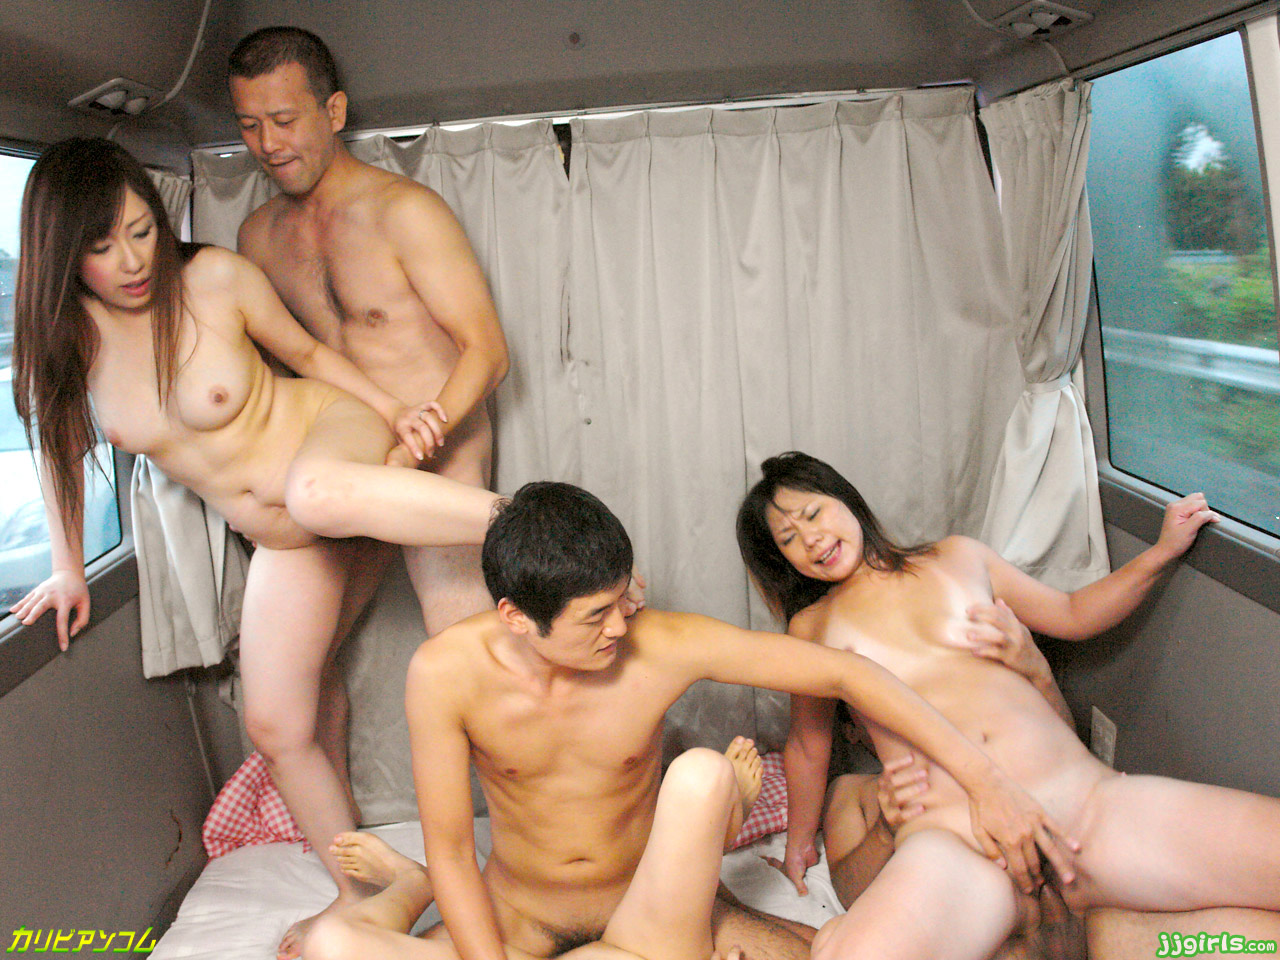 Даром) По-моему, японская семья порно фильмы думаю